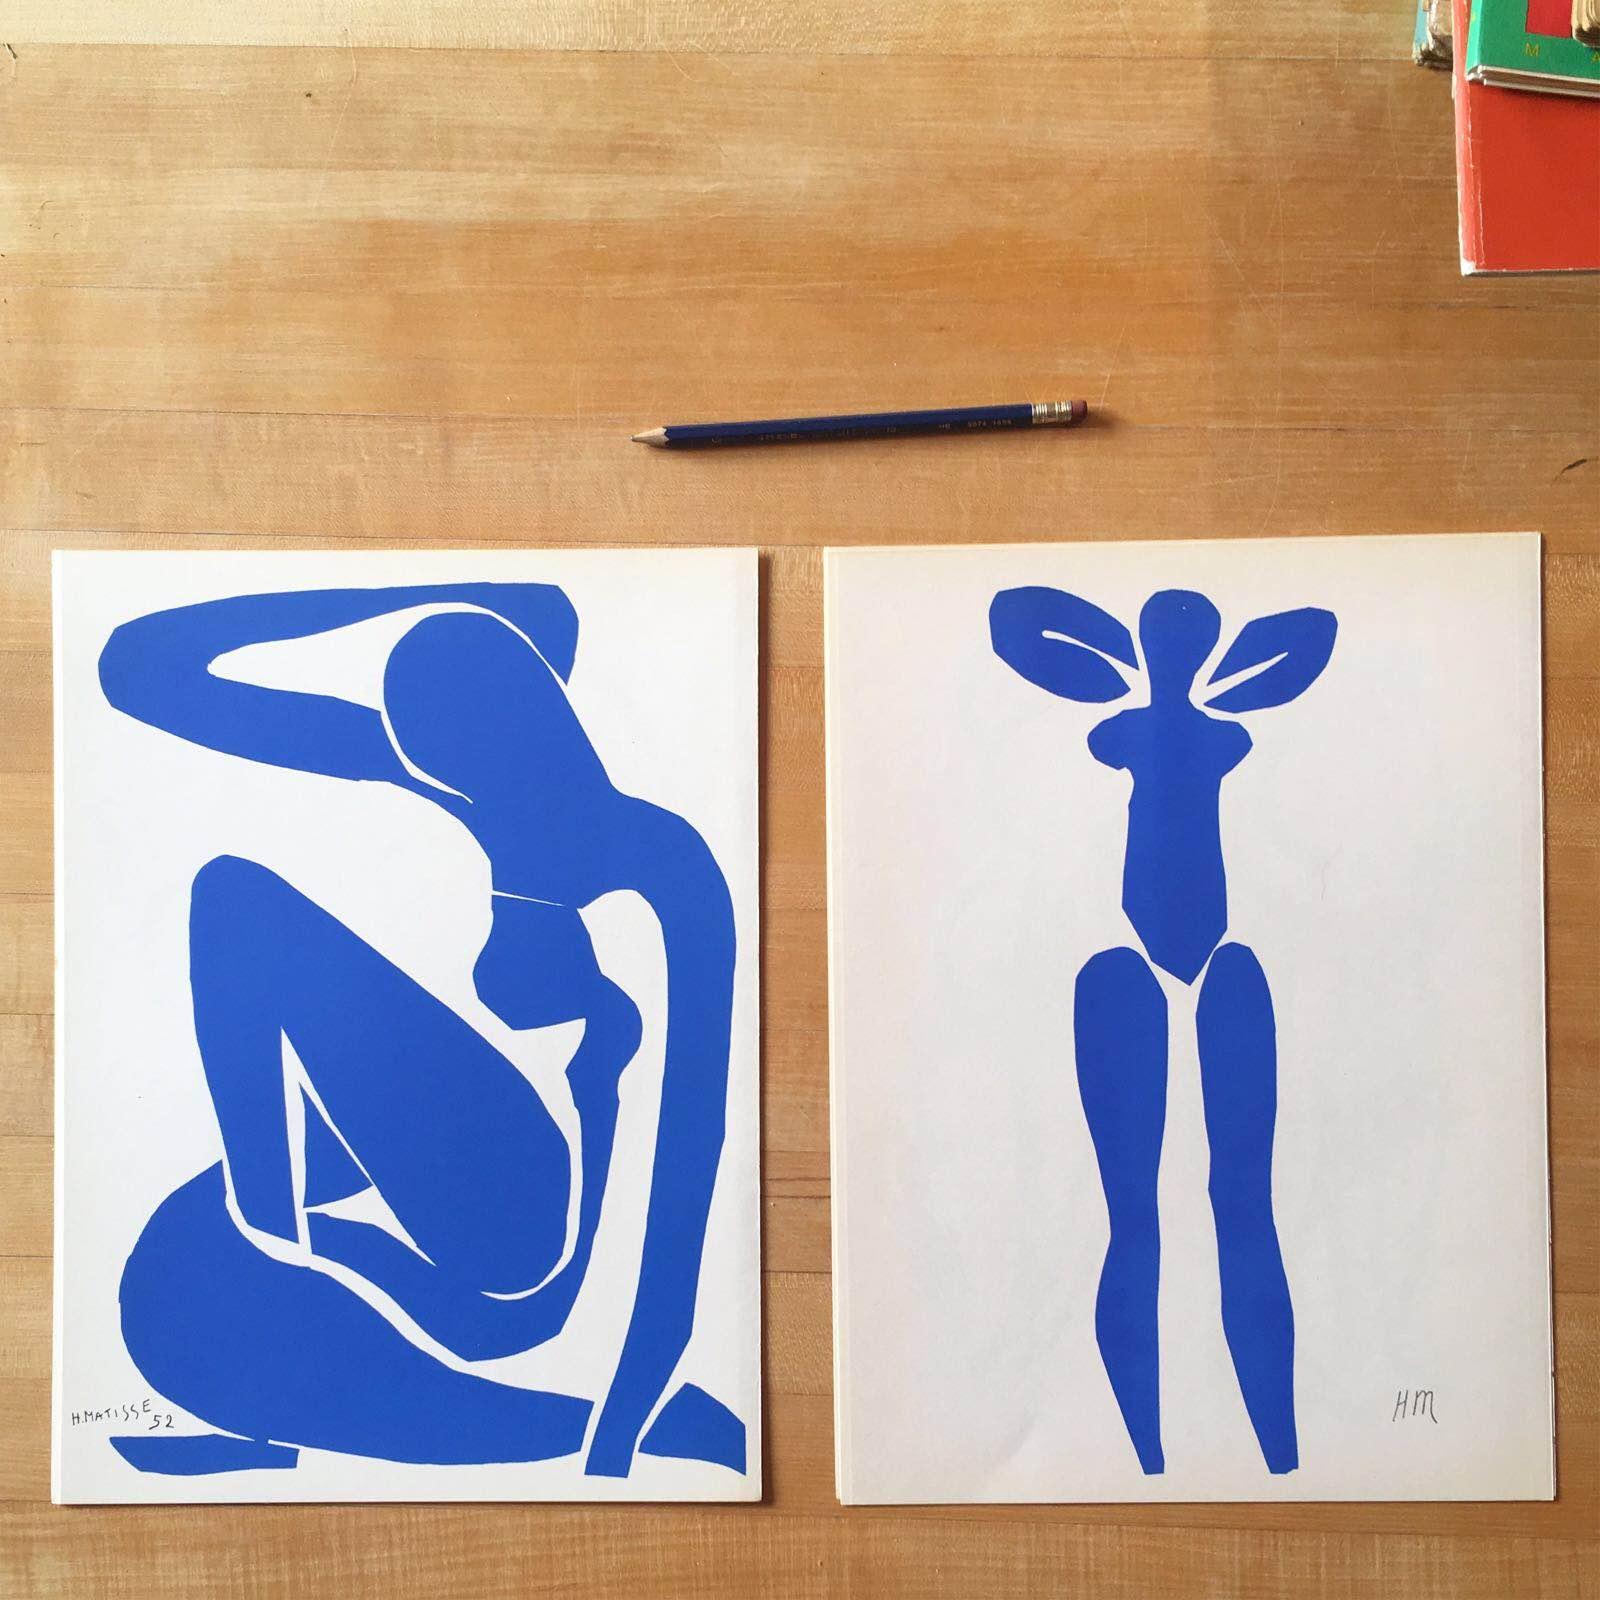 Idbury Prints - Original Prints